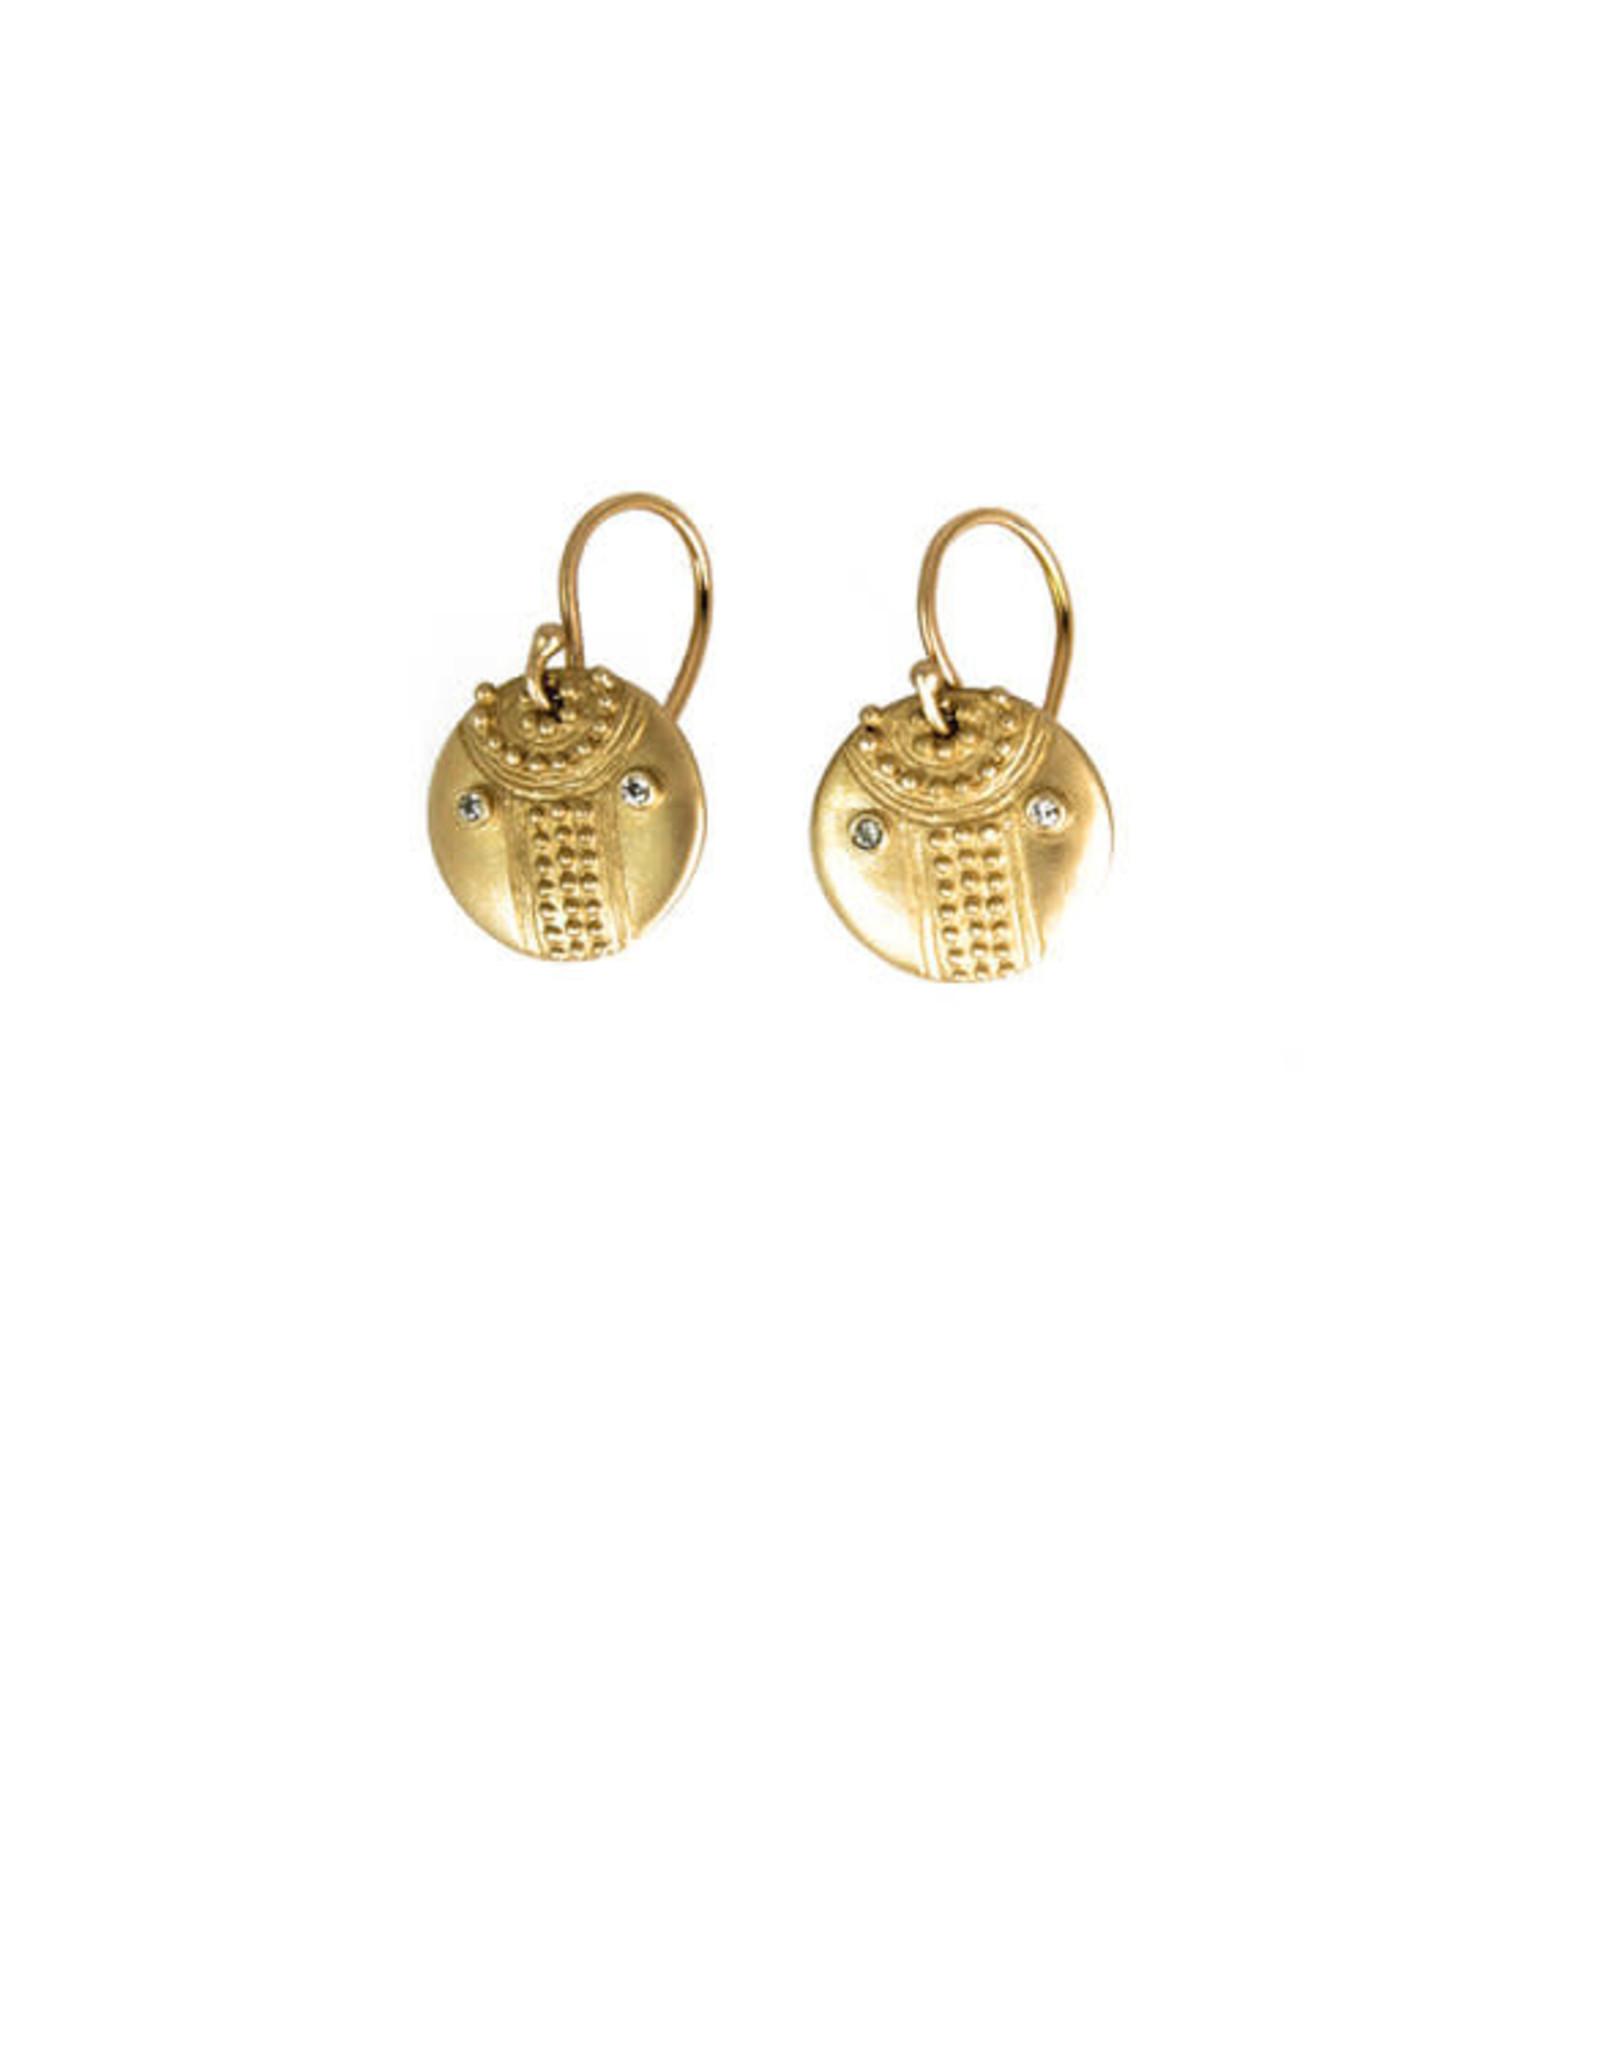 Lorak Jewelry Small Shield Earrings